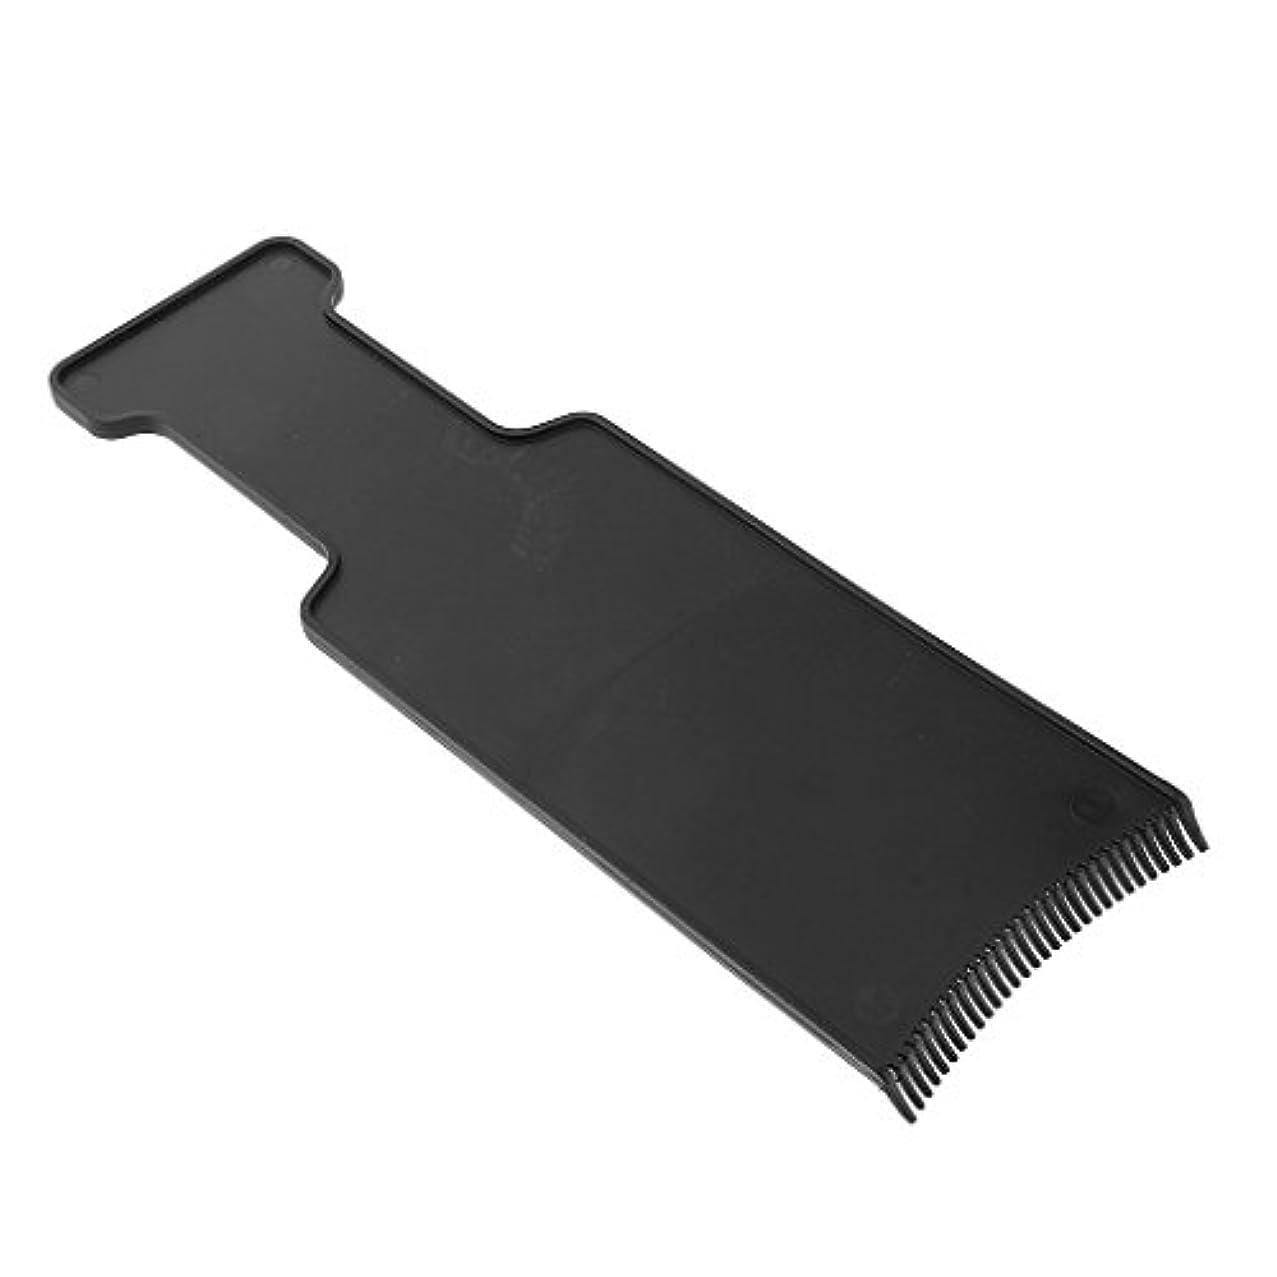 電気技師午後予防接種ヘアカラー ボード 染色 ツール ブラック 全4サイズ - M